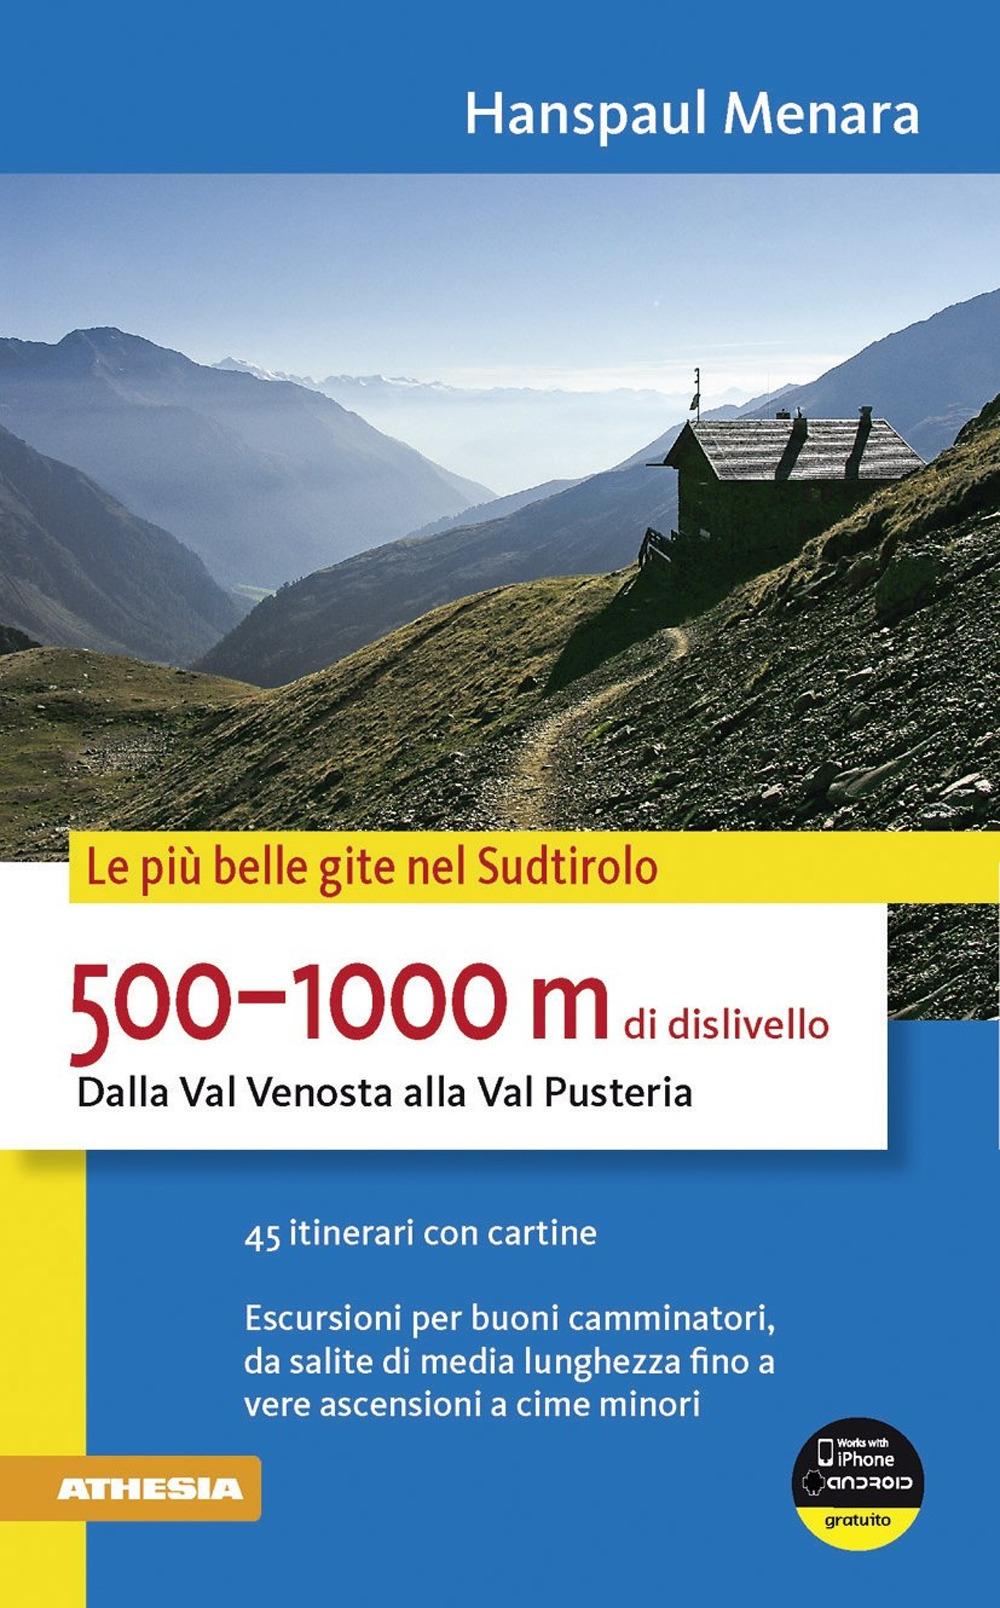 500-1000 m di dislivello dalla Val Venosta alla Val Pusteria.